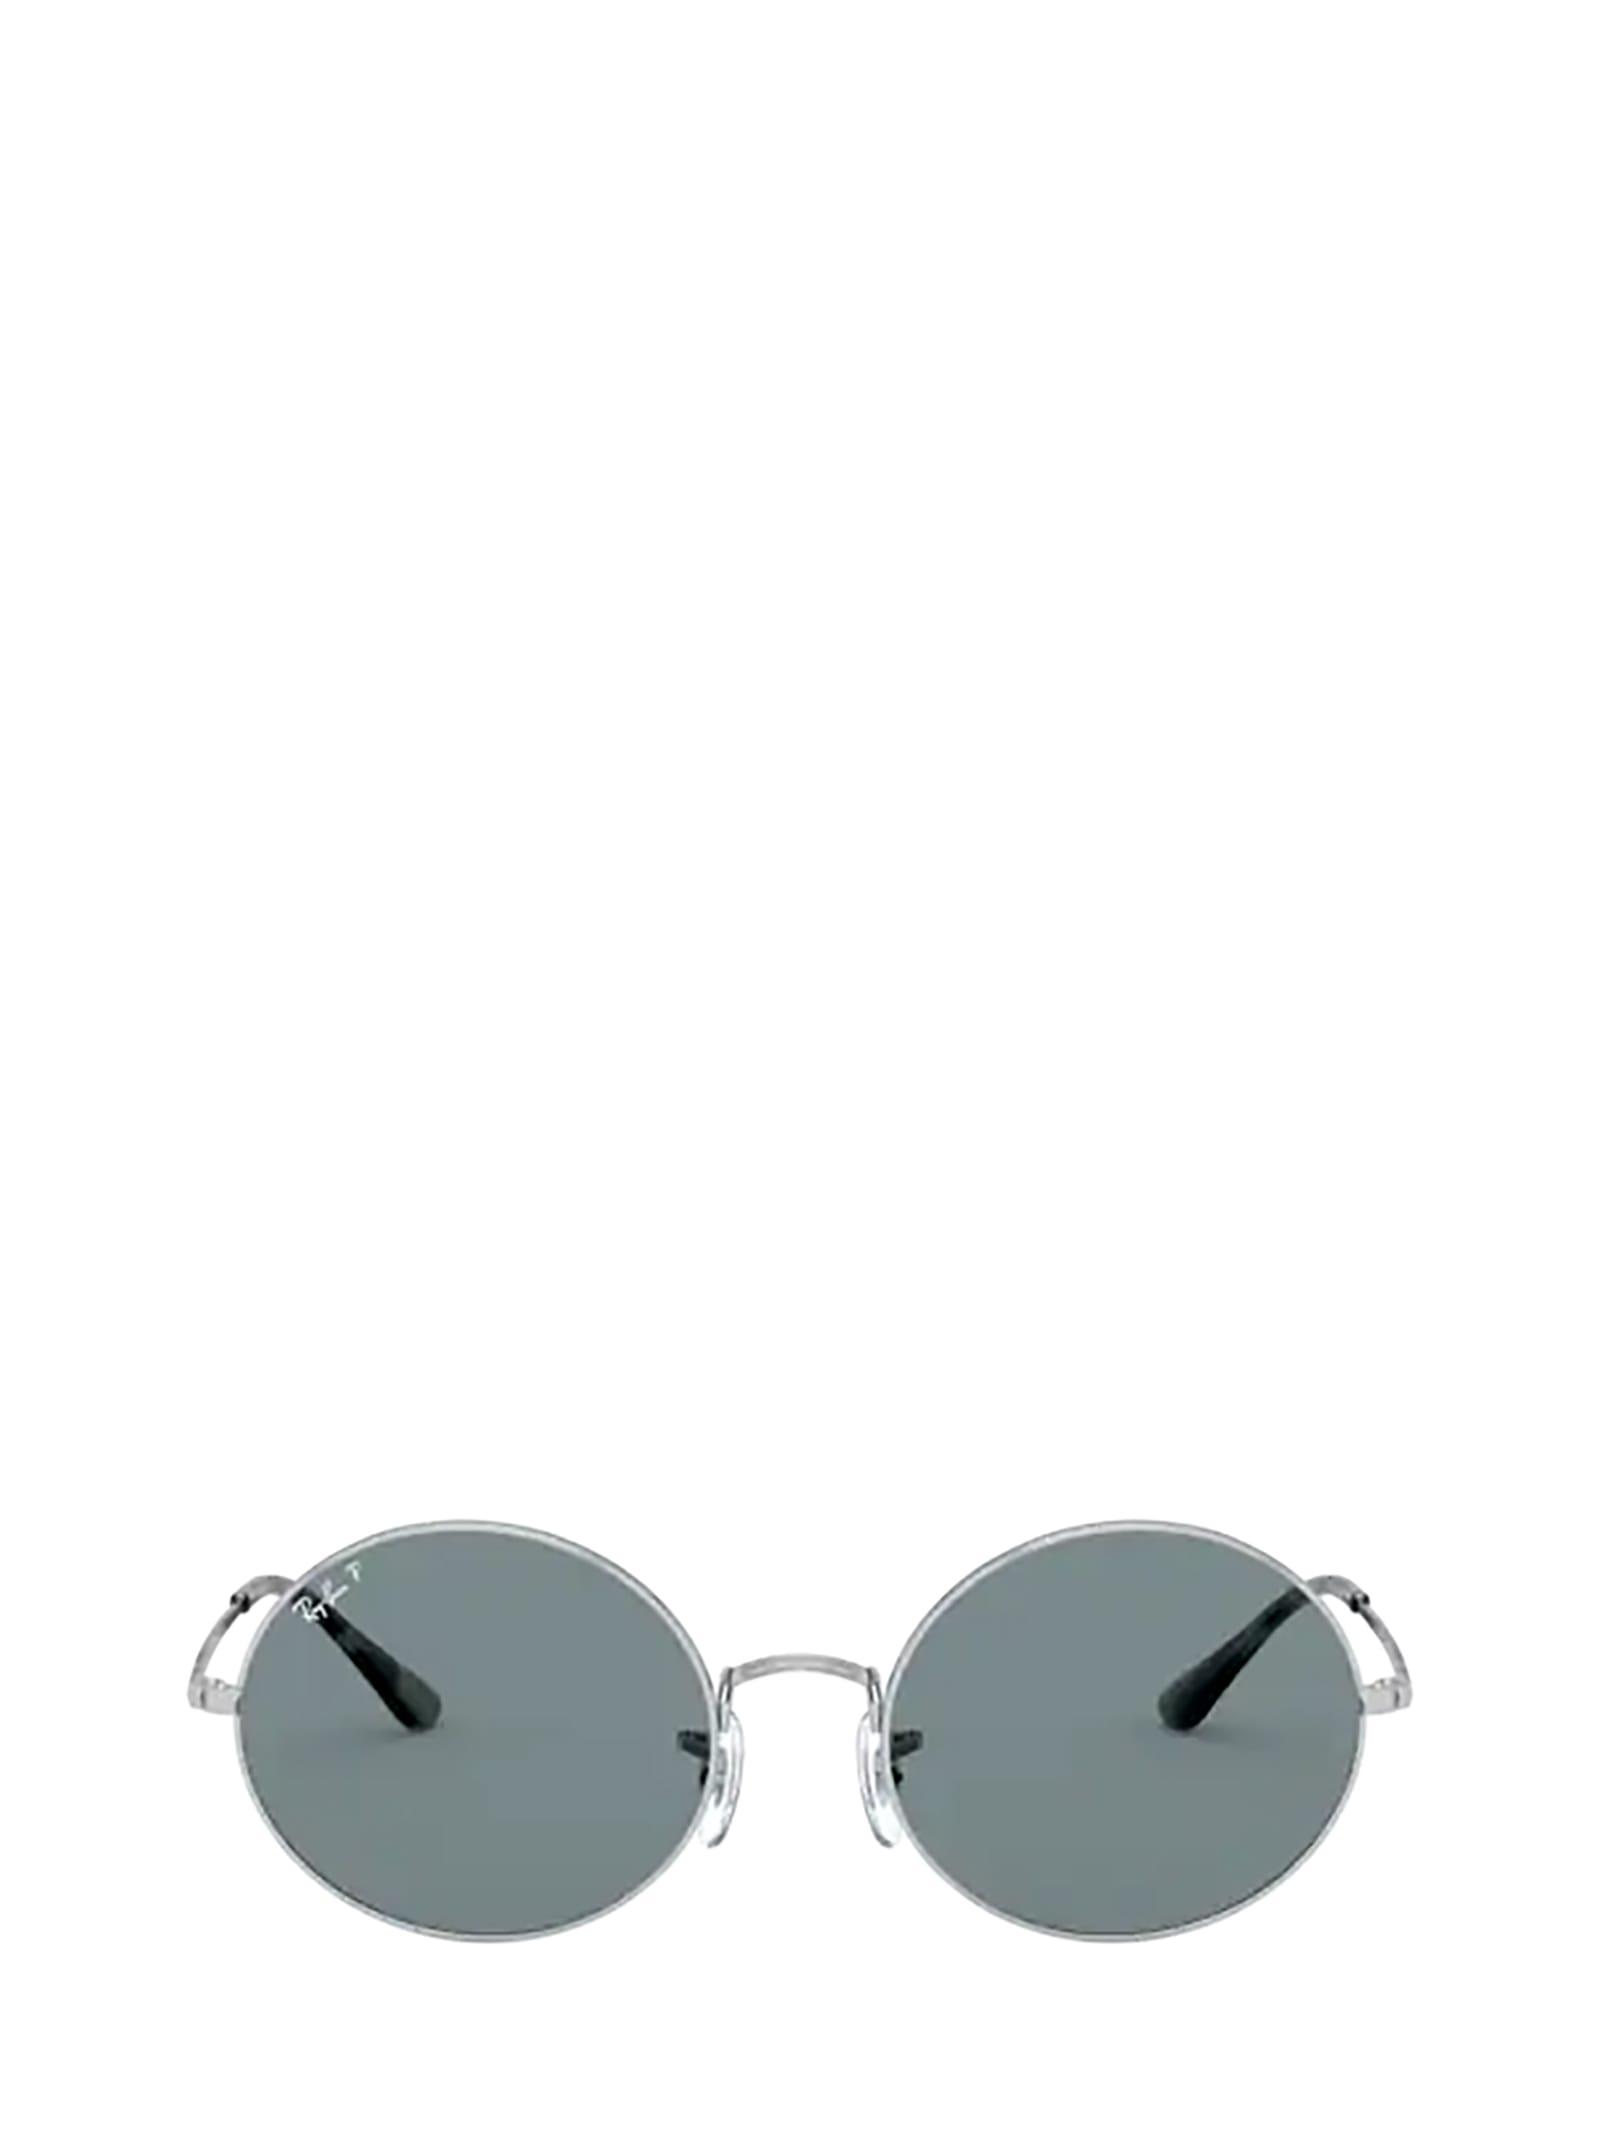 Ray-Ban Ray-ban Rb1970 Silver Sunglasses